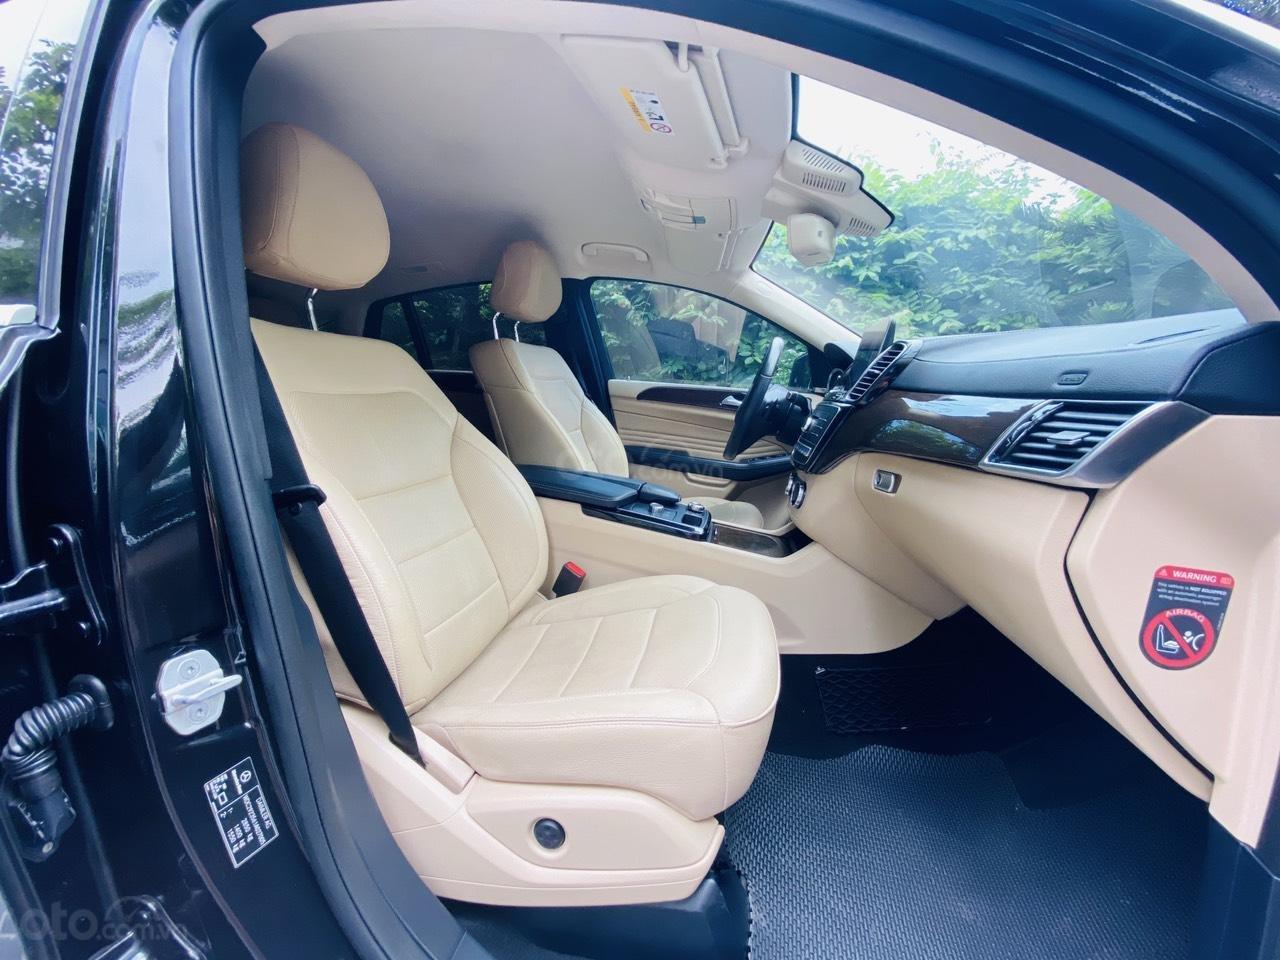 Bán ô tô Mercedes GLE Couple sản xuất 2016 nhập khẩu (12)